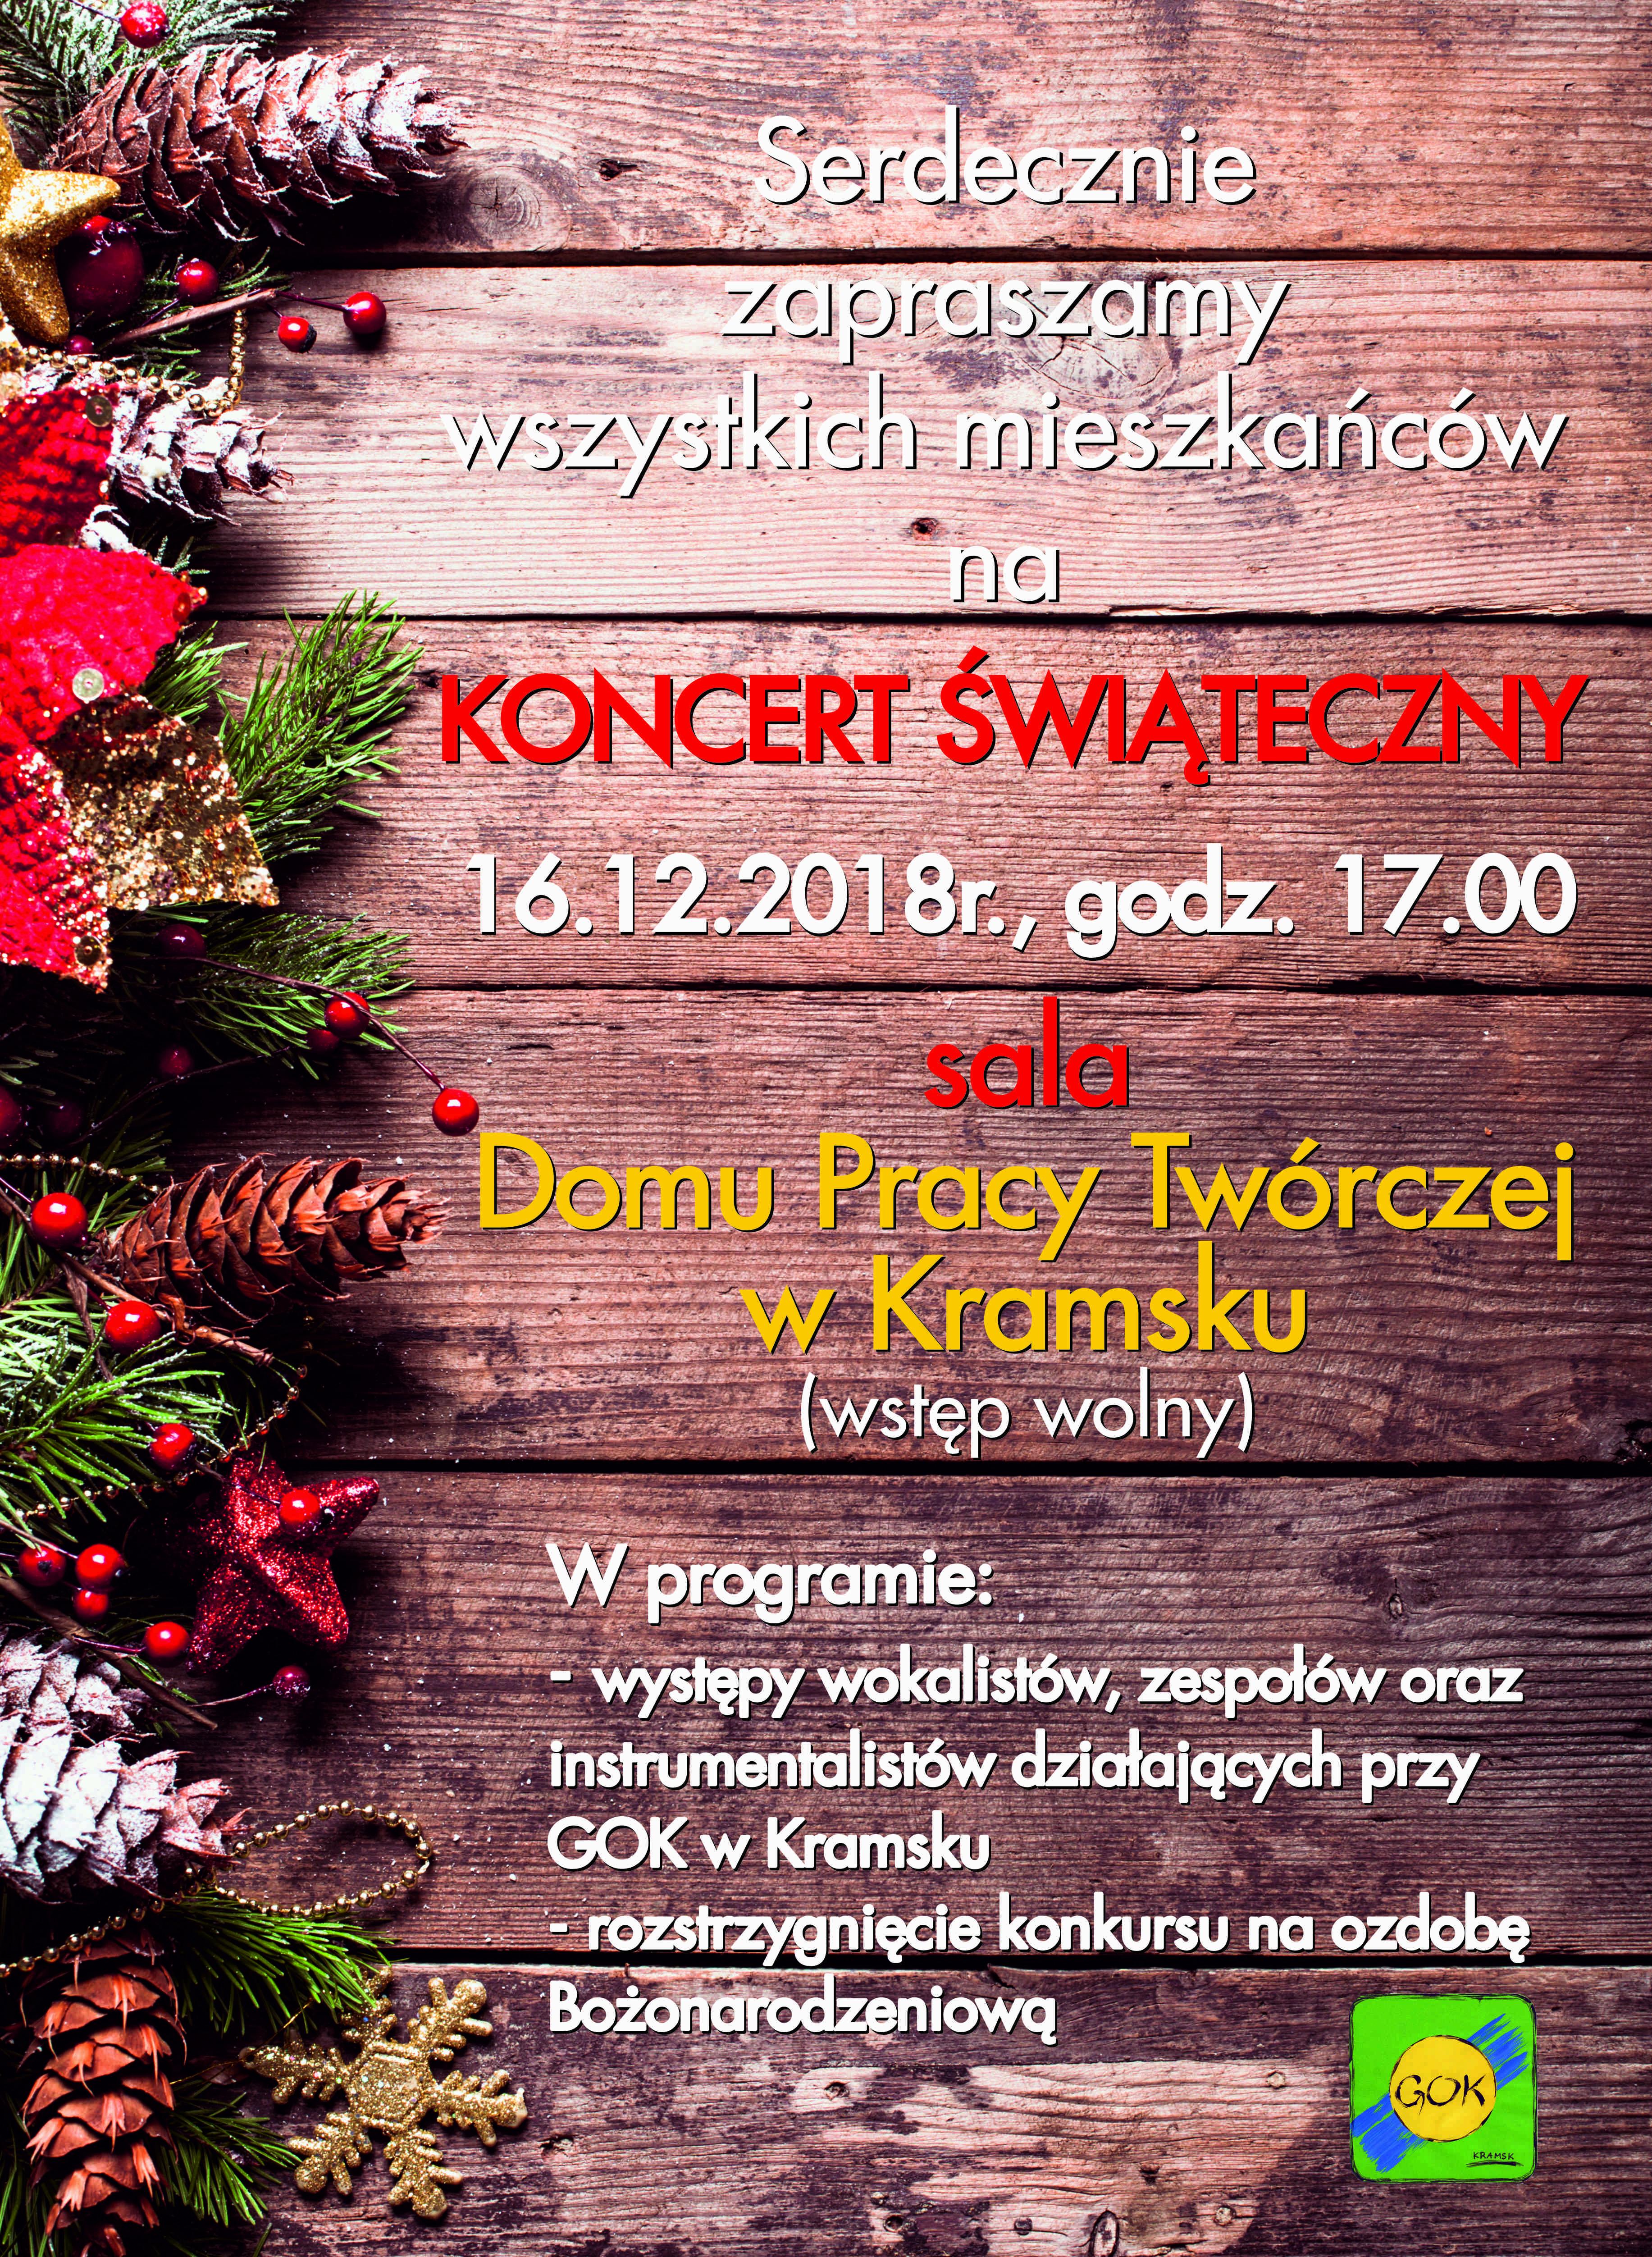 Plakat A3 Koncert Swiateczny Gok Kramsk